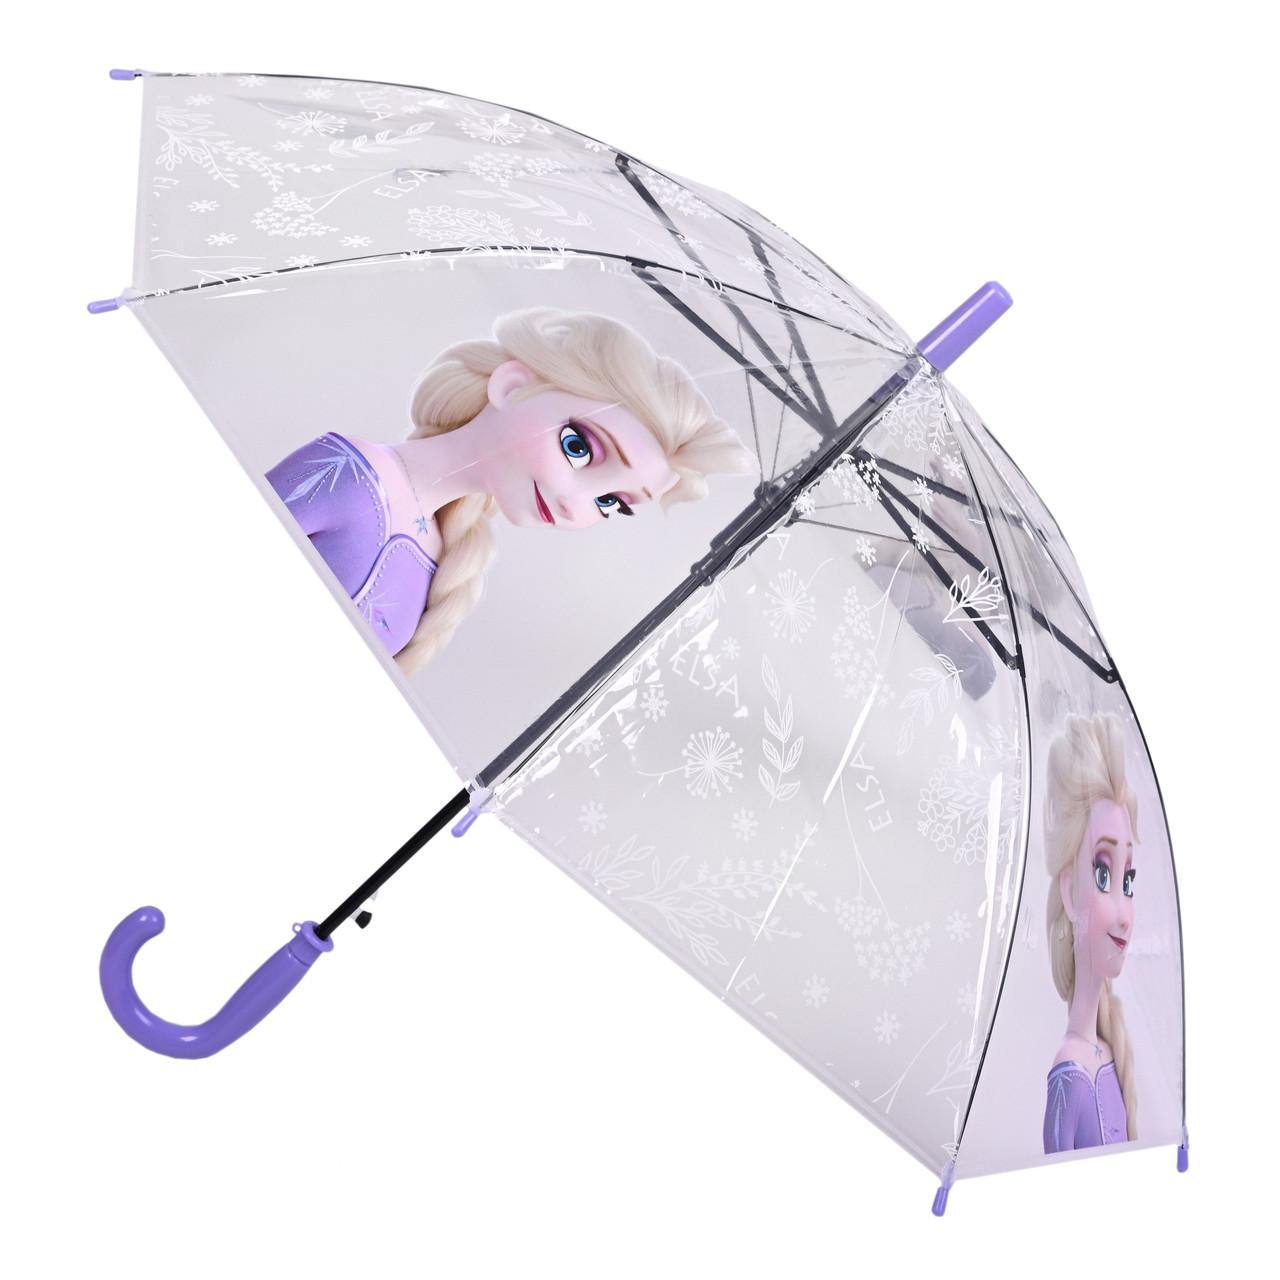 Детский прозрачный зонтик с мультгероем Эльзой размеры: